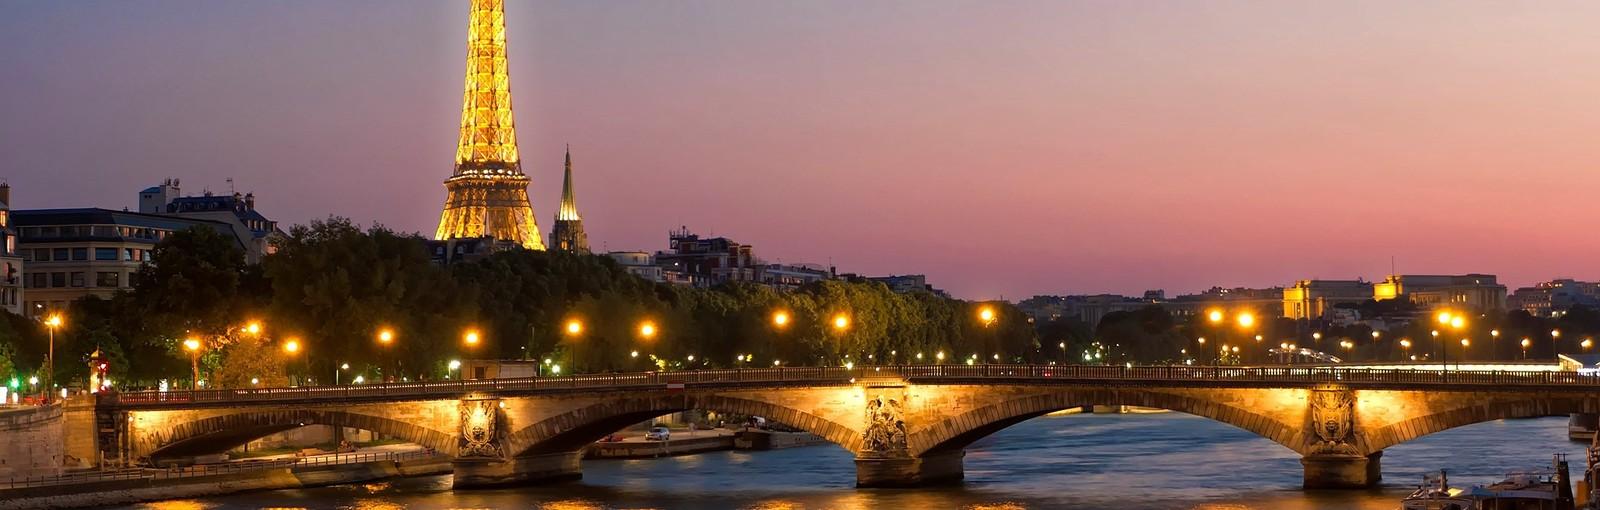 Tours 浪漫巴黎套餐 - 巴黎游套餐 - 巴黎游